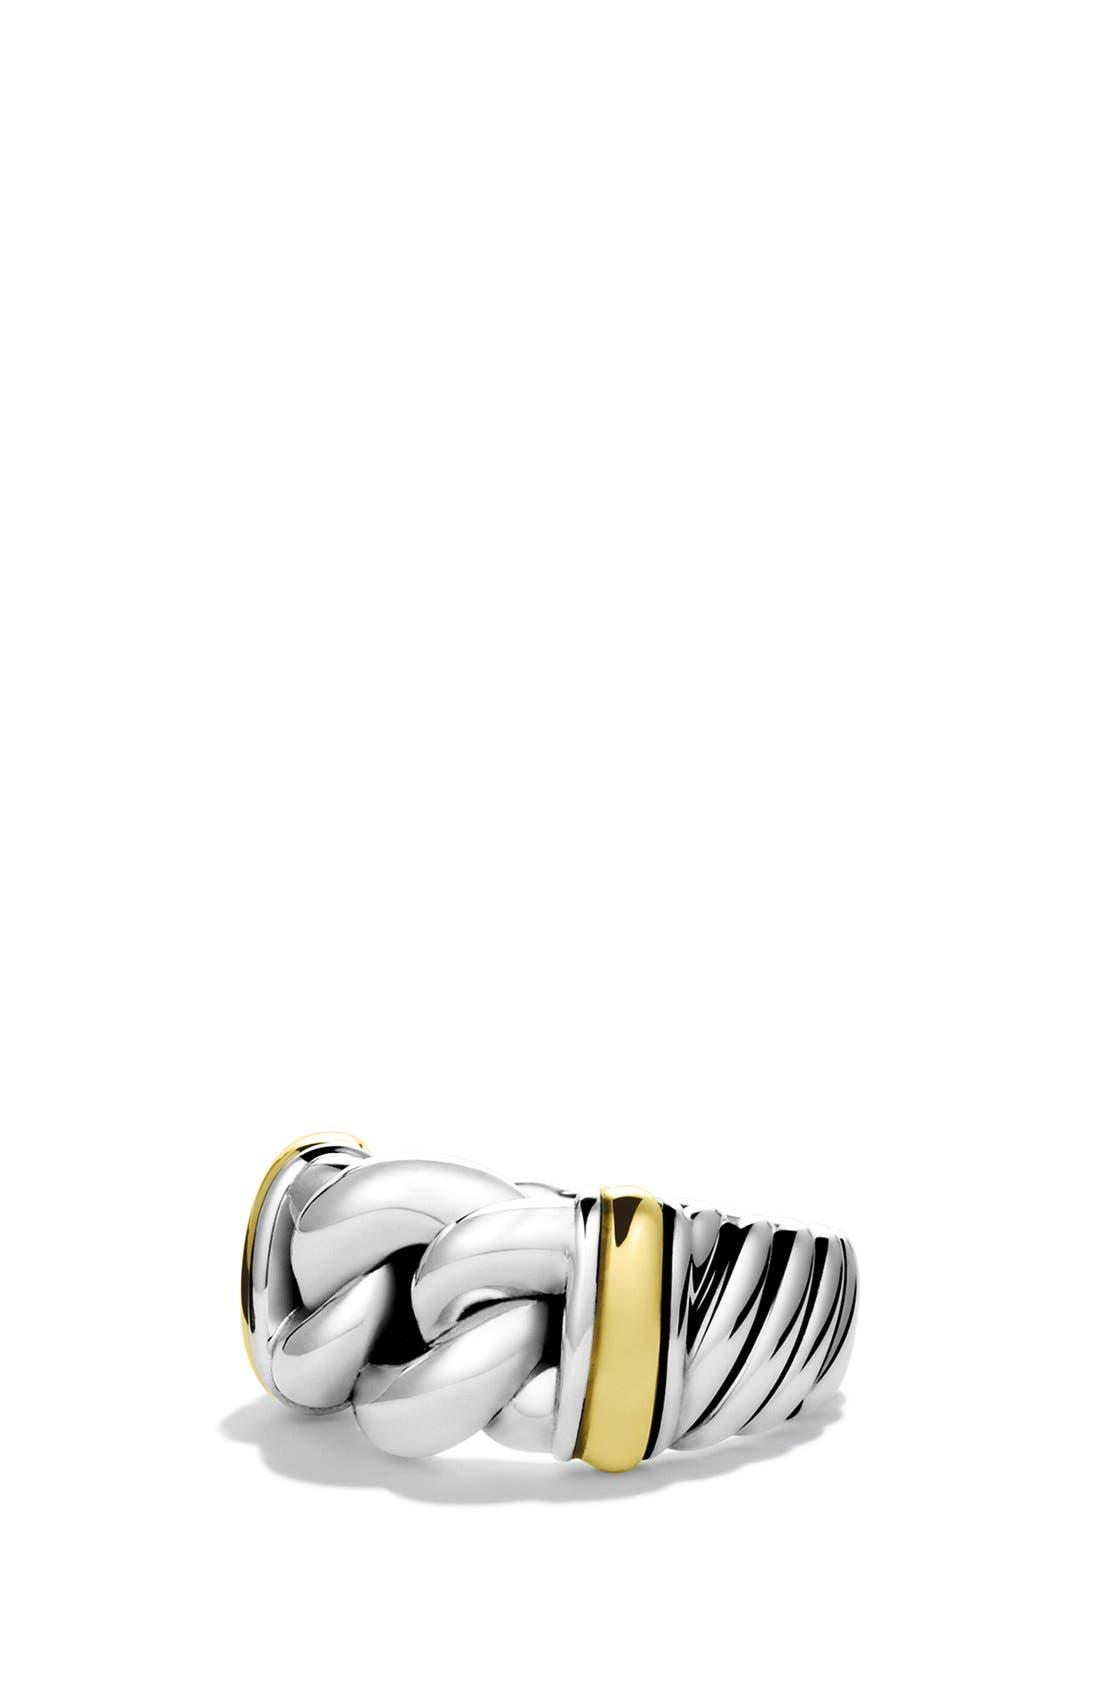 DAVID YURMAN,                             'Metro' Ring with Gold,                             Main thumbnail 1, color,                             040